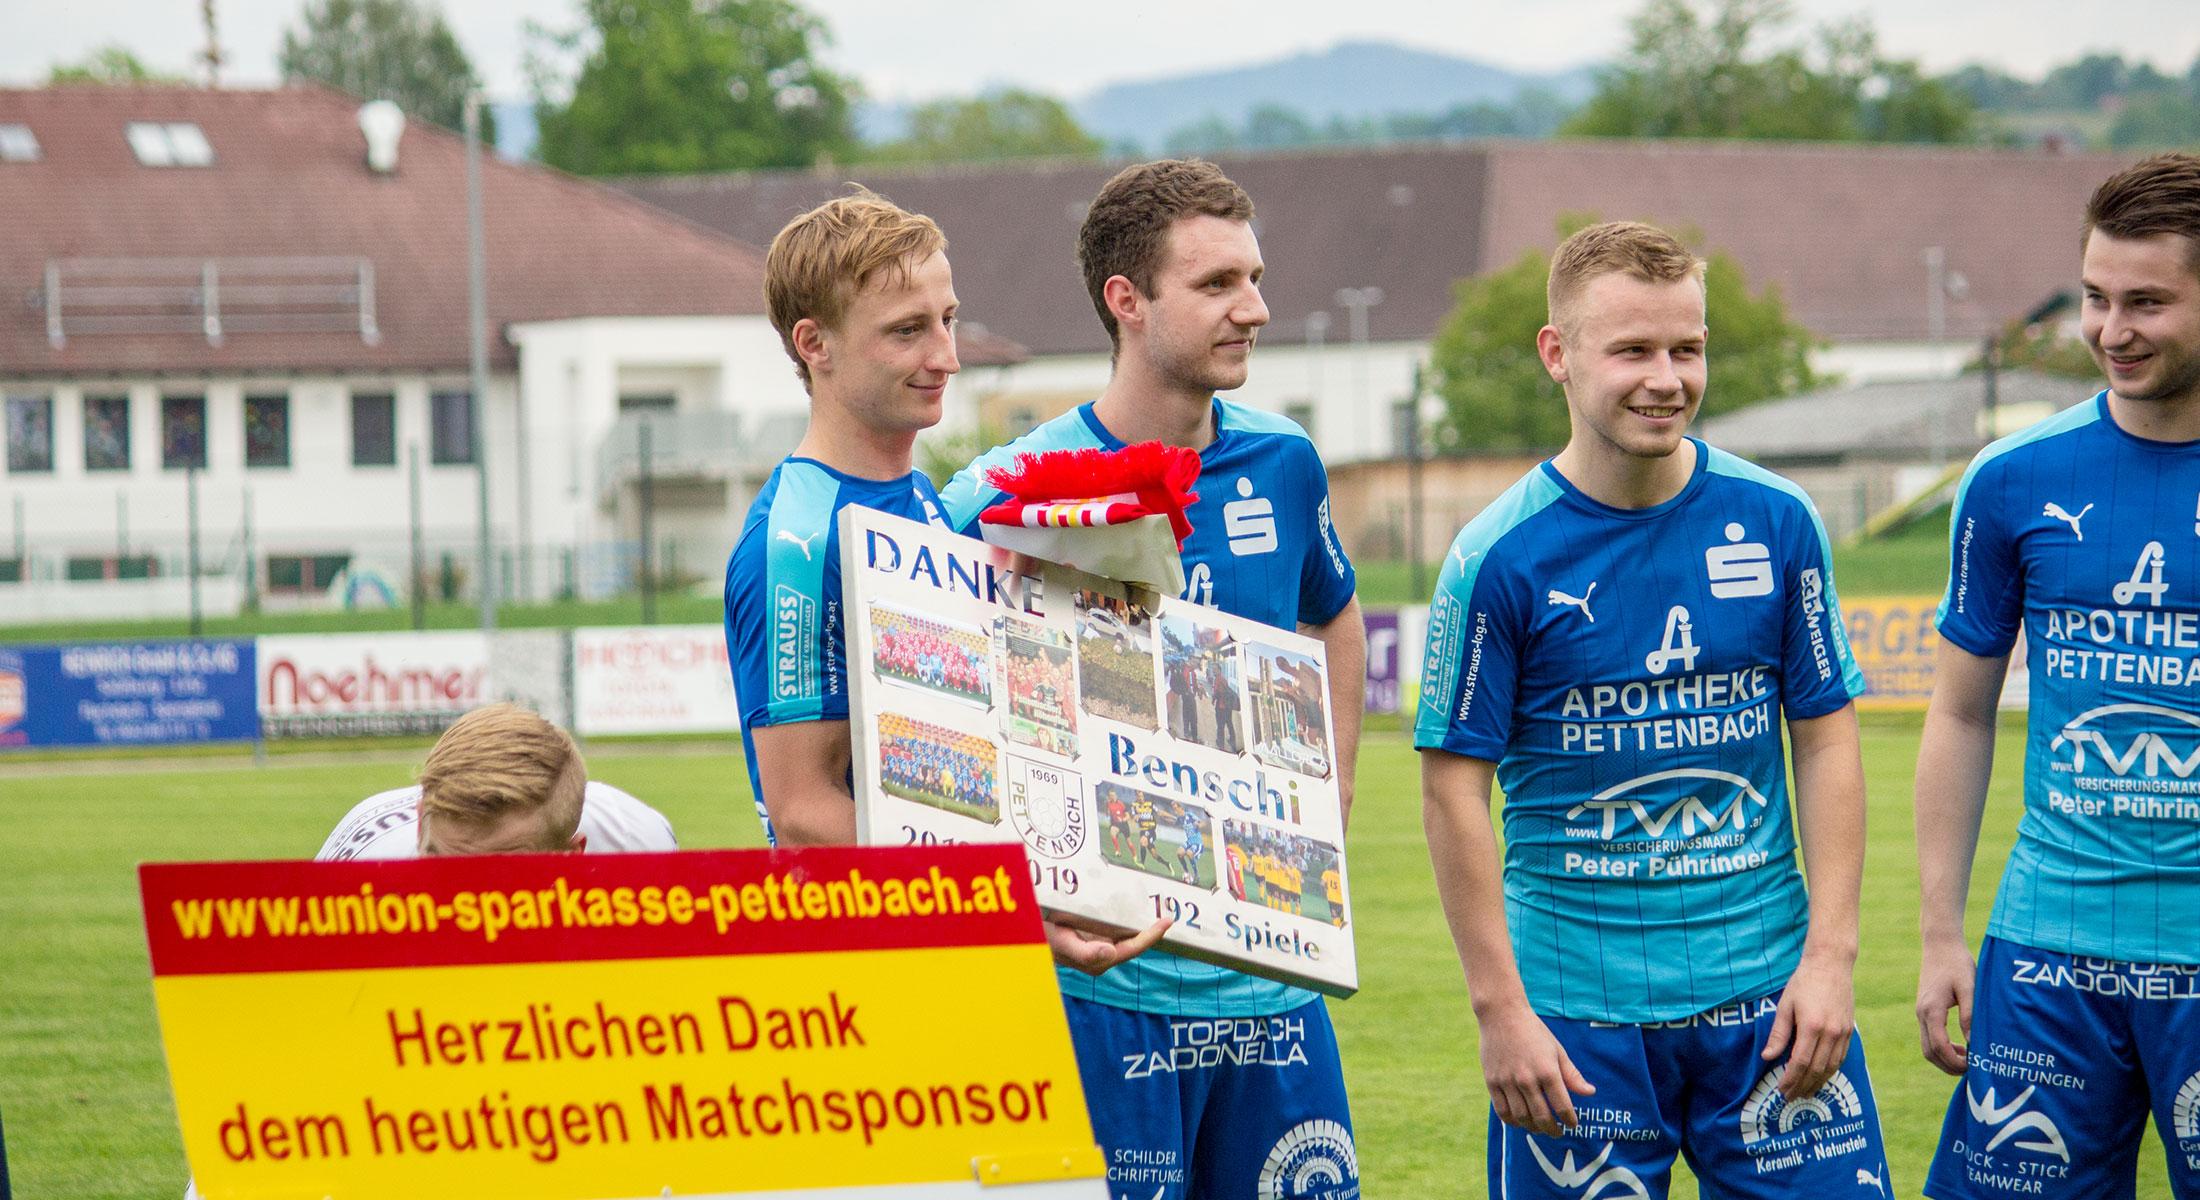 Letztes Heimspiel 2018/19 – DANKE Benschi